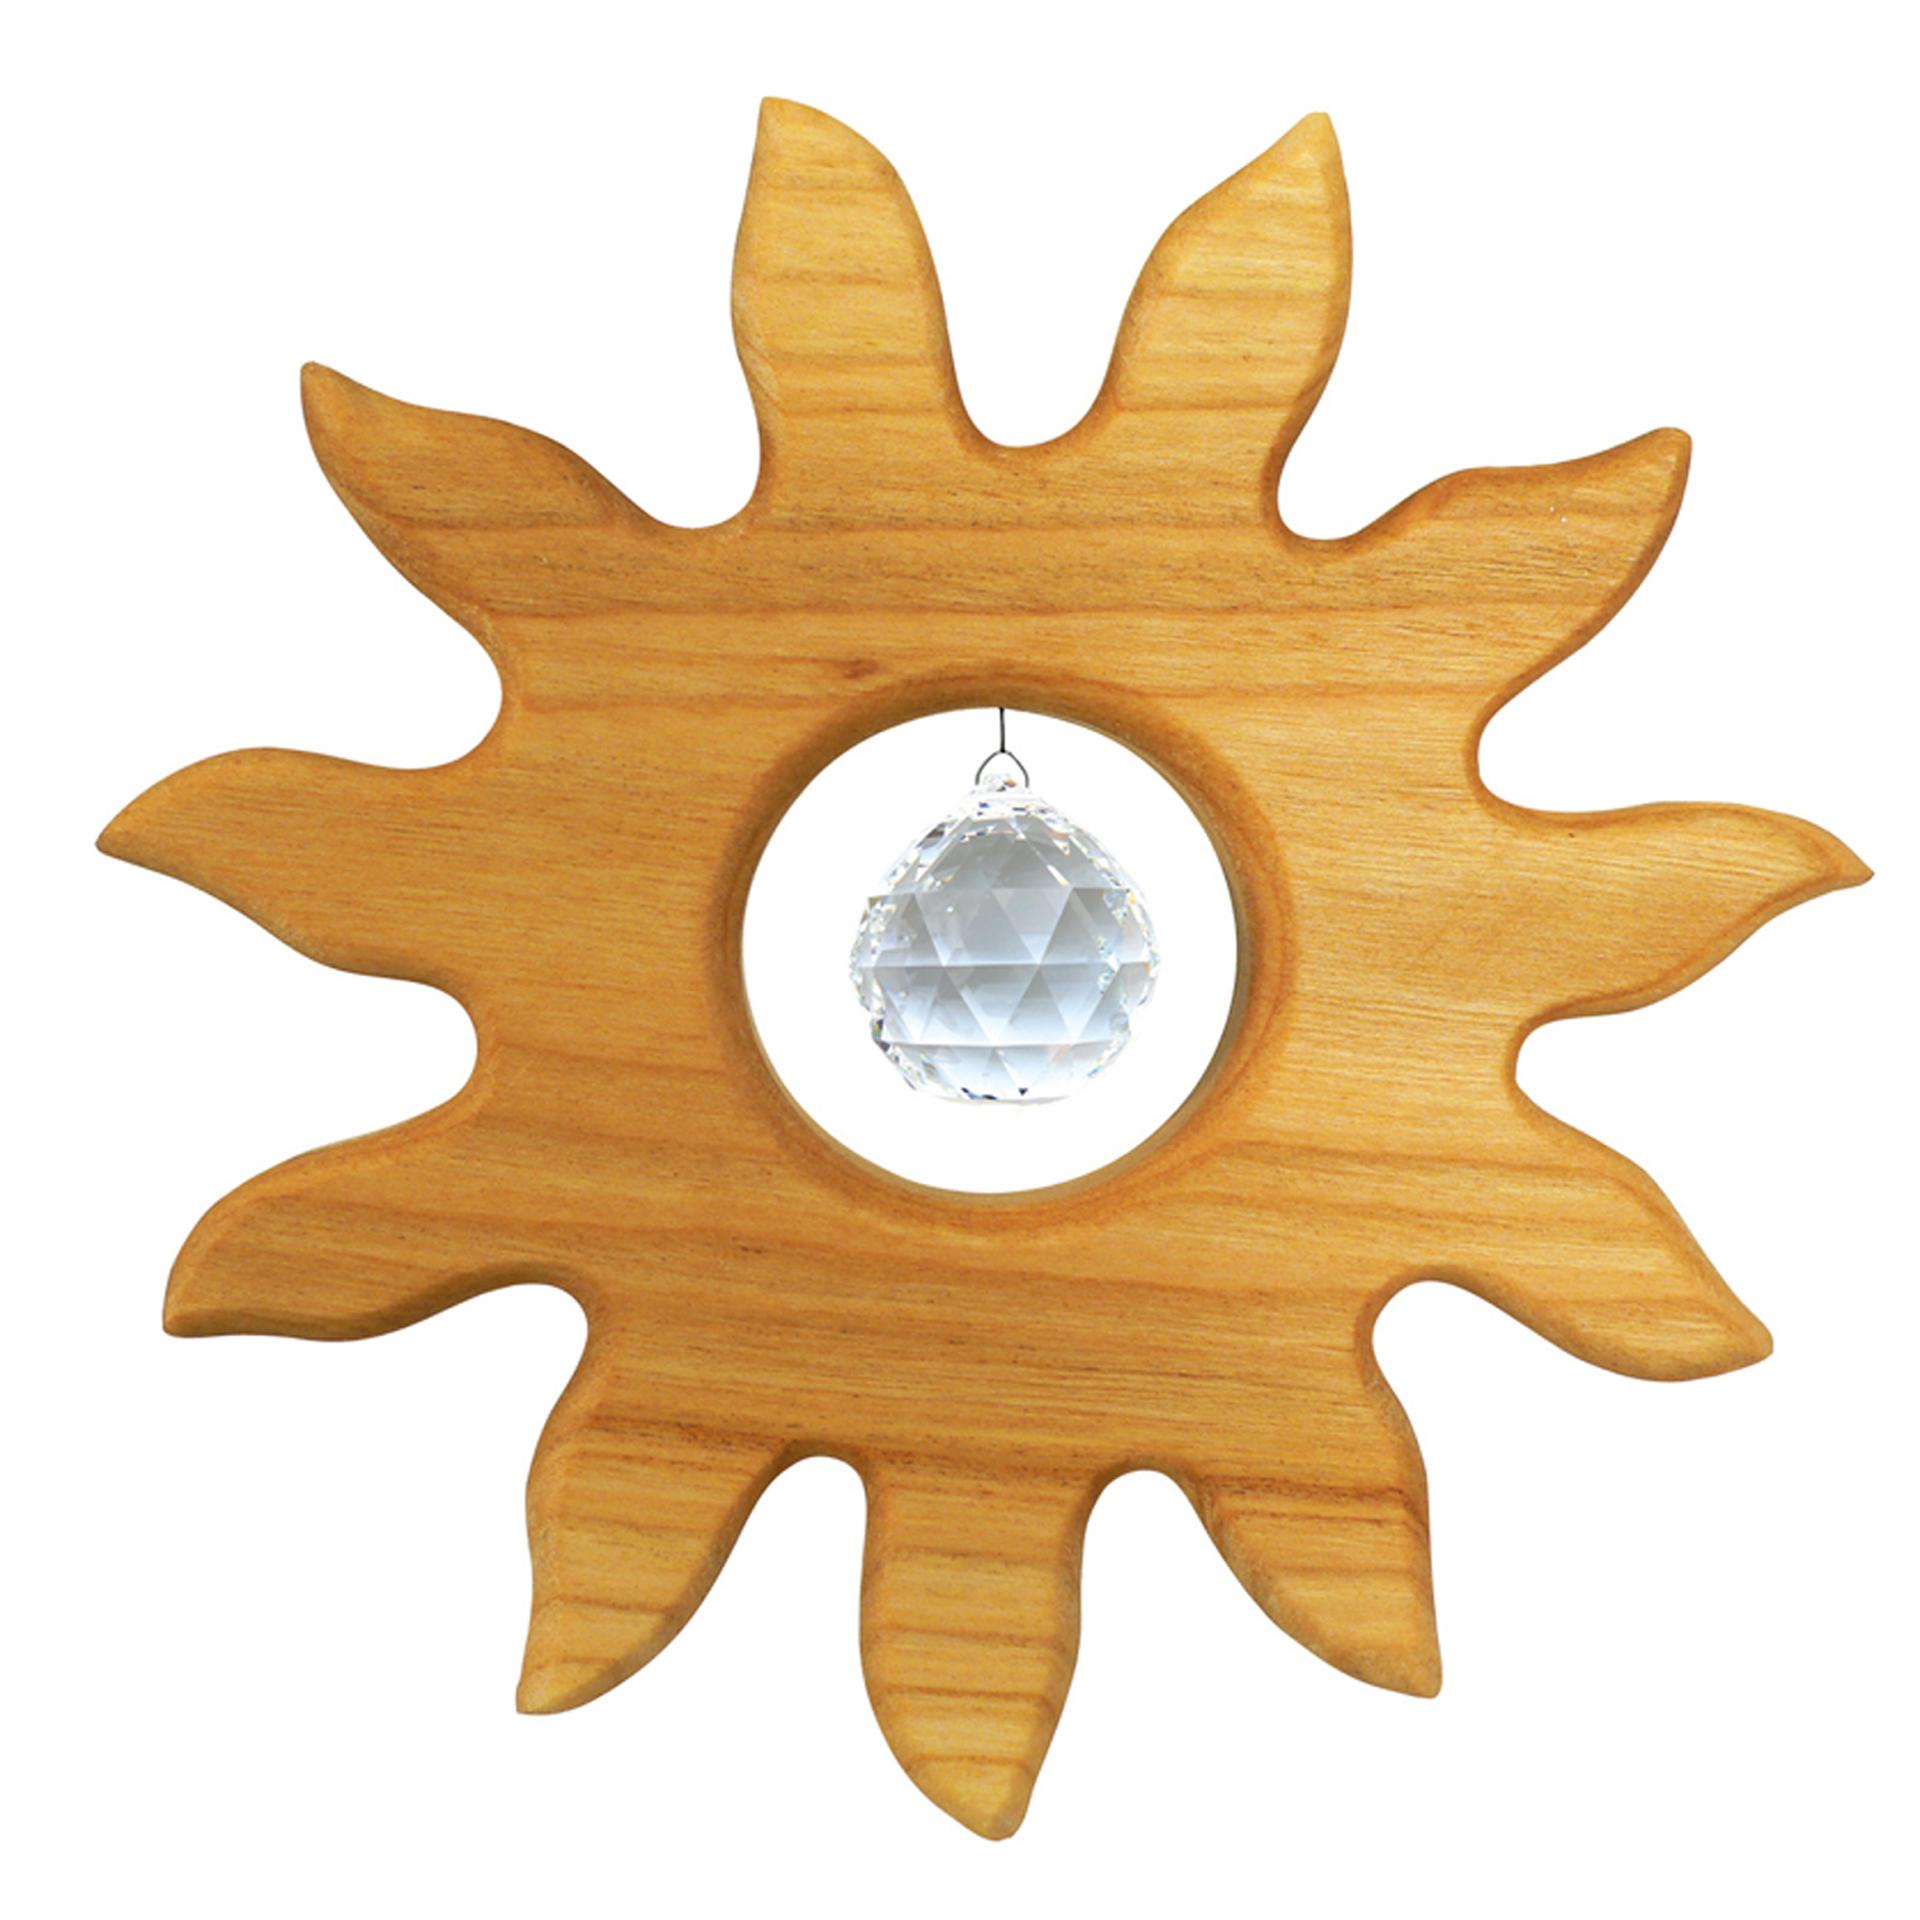 Fensterschmuck Kleine Sonne, mit Kristall